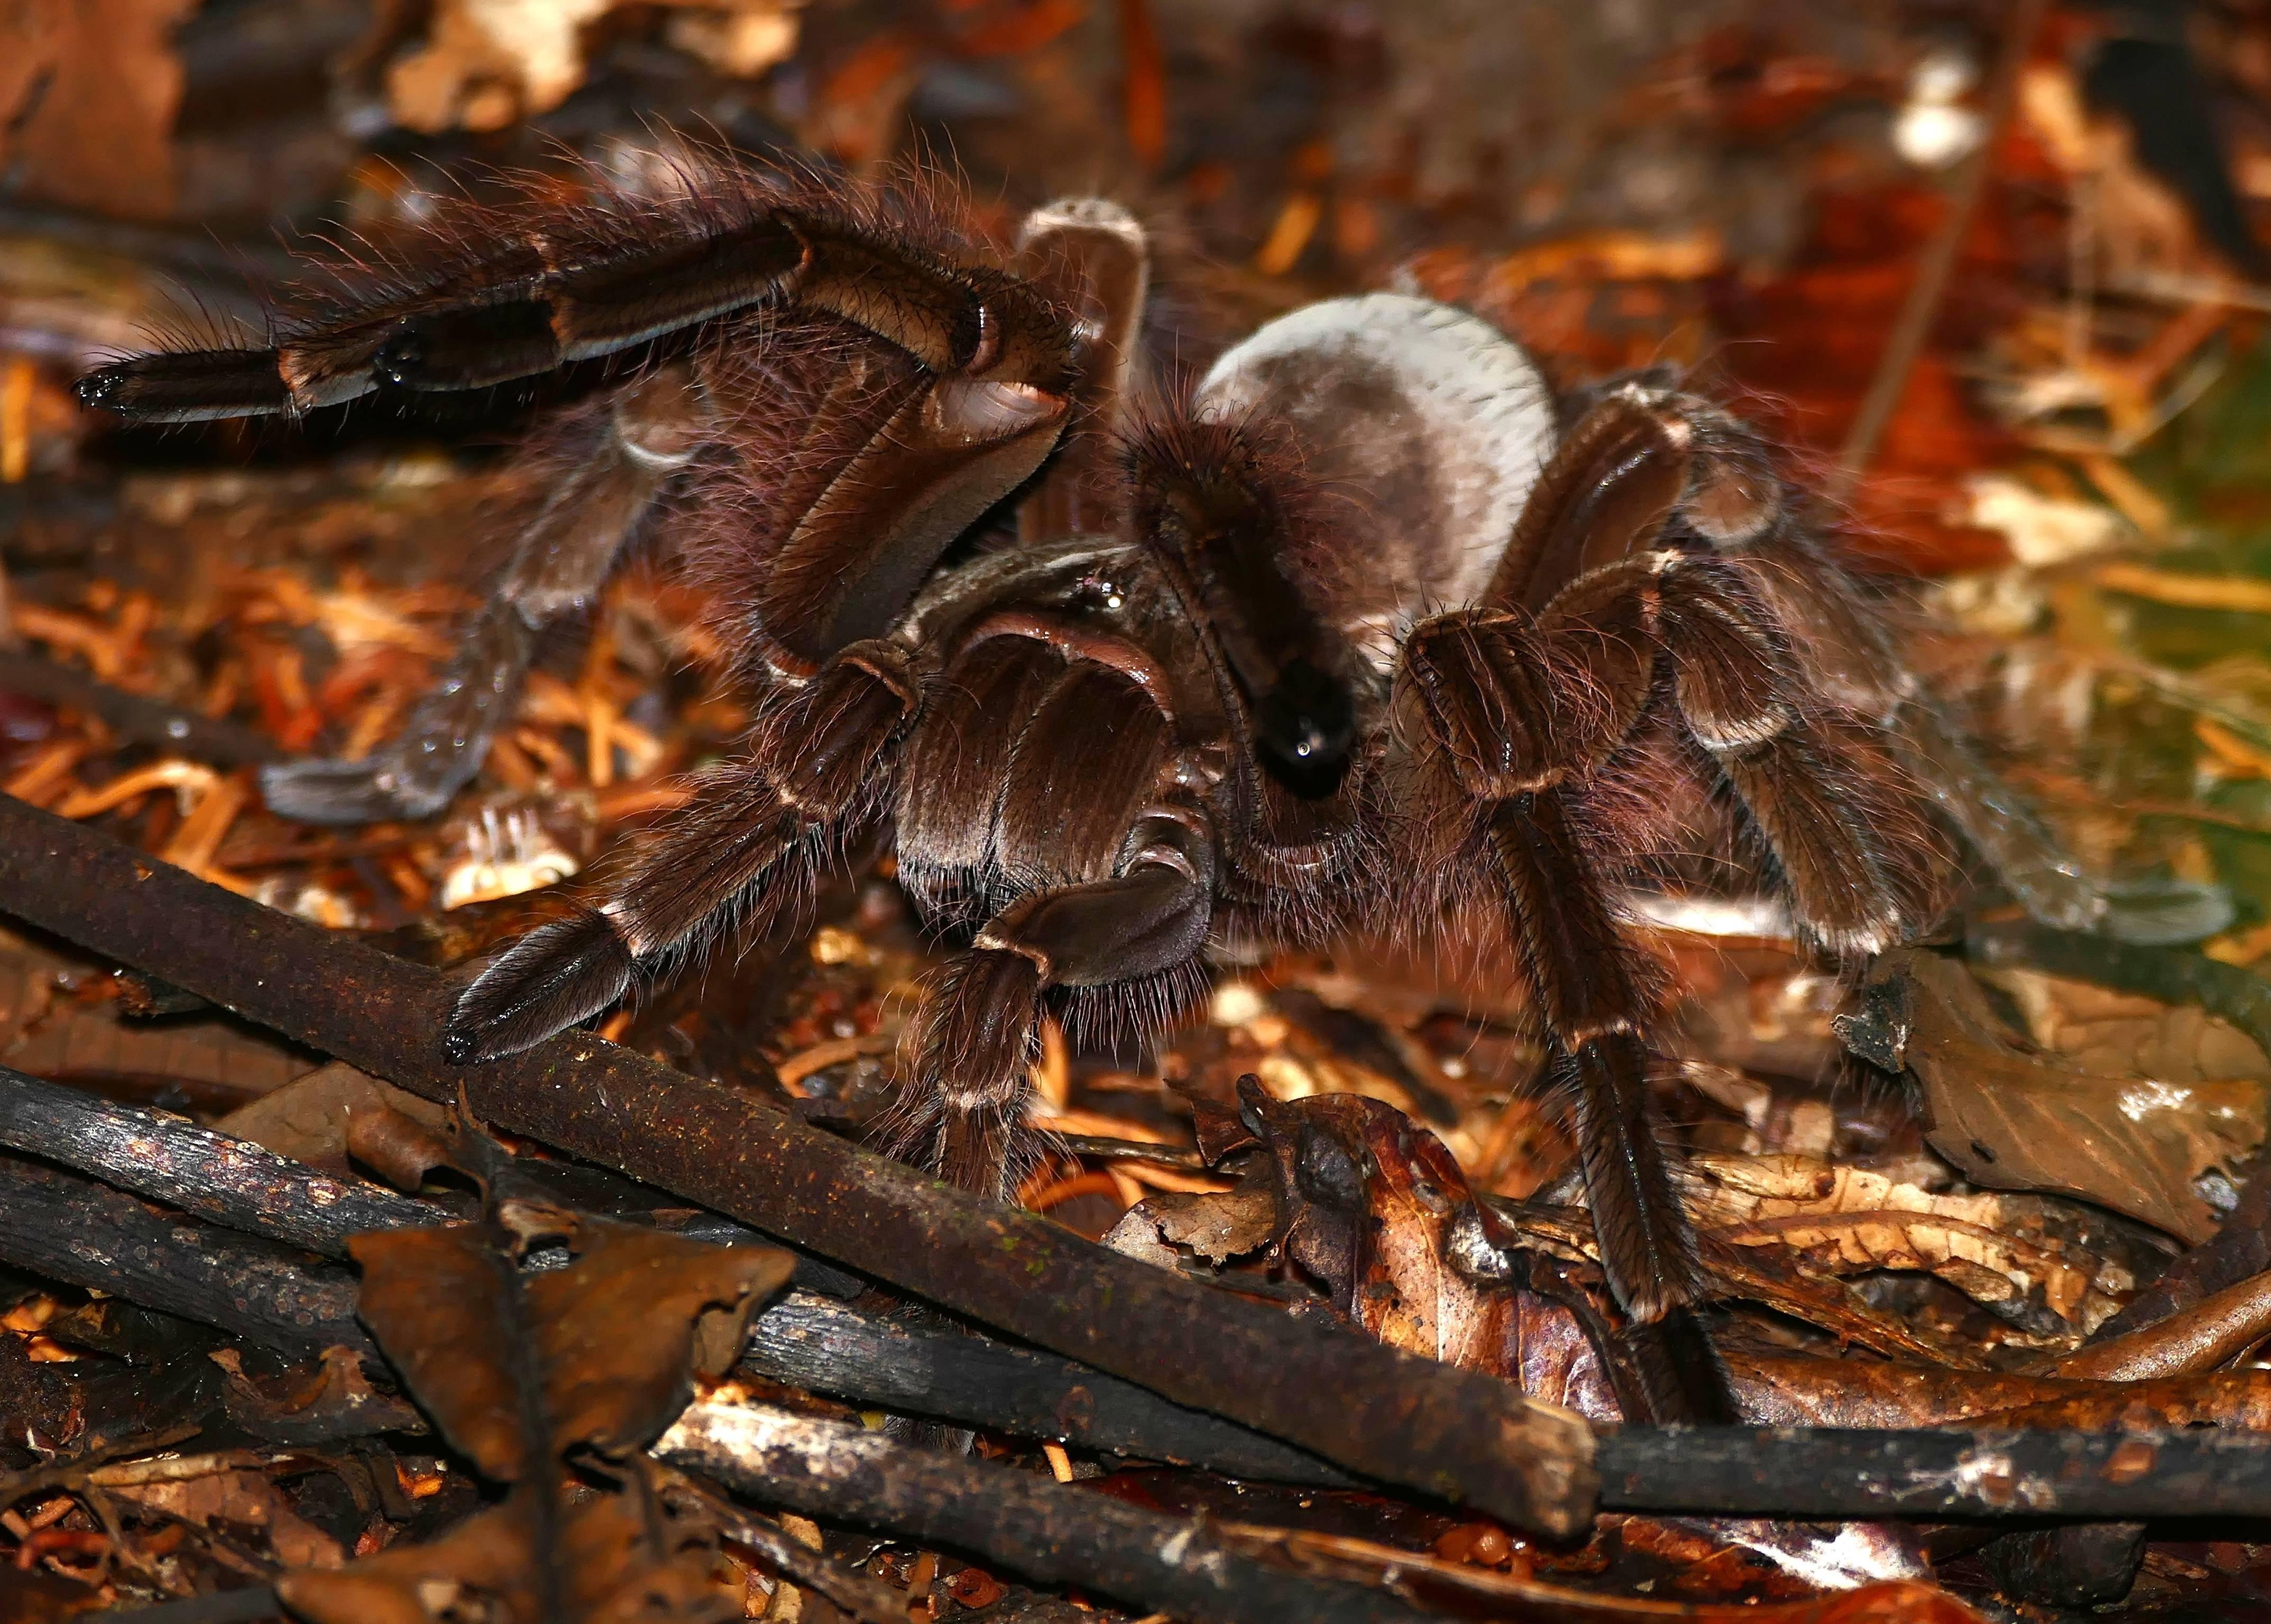 Самый большой паук в мире: фото, размеры - 24сми